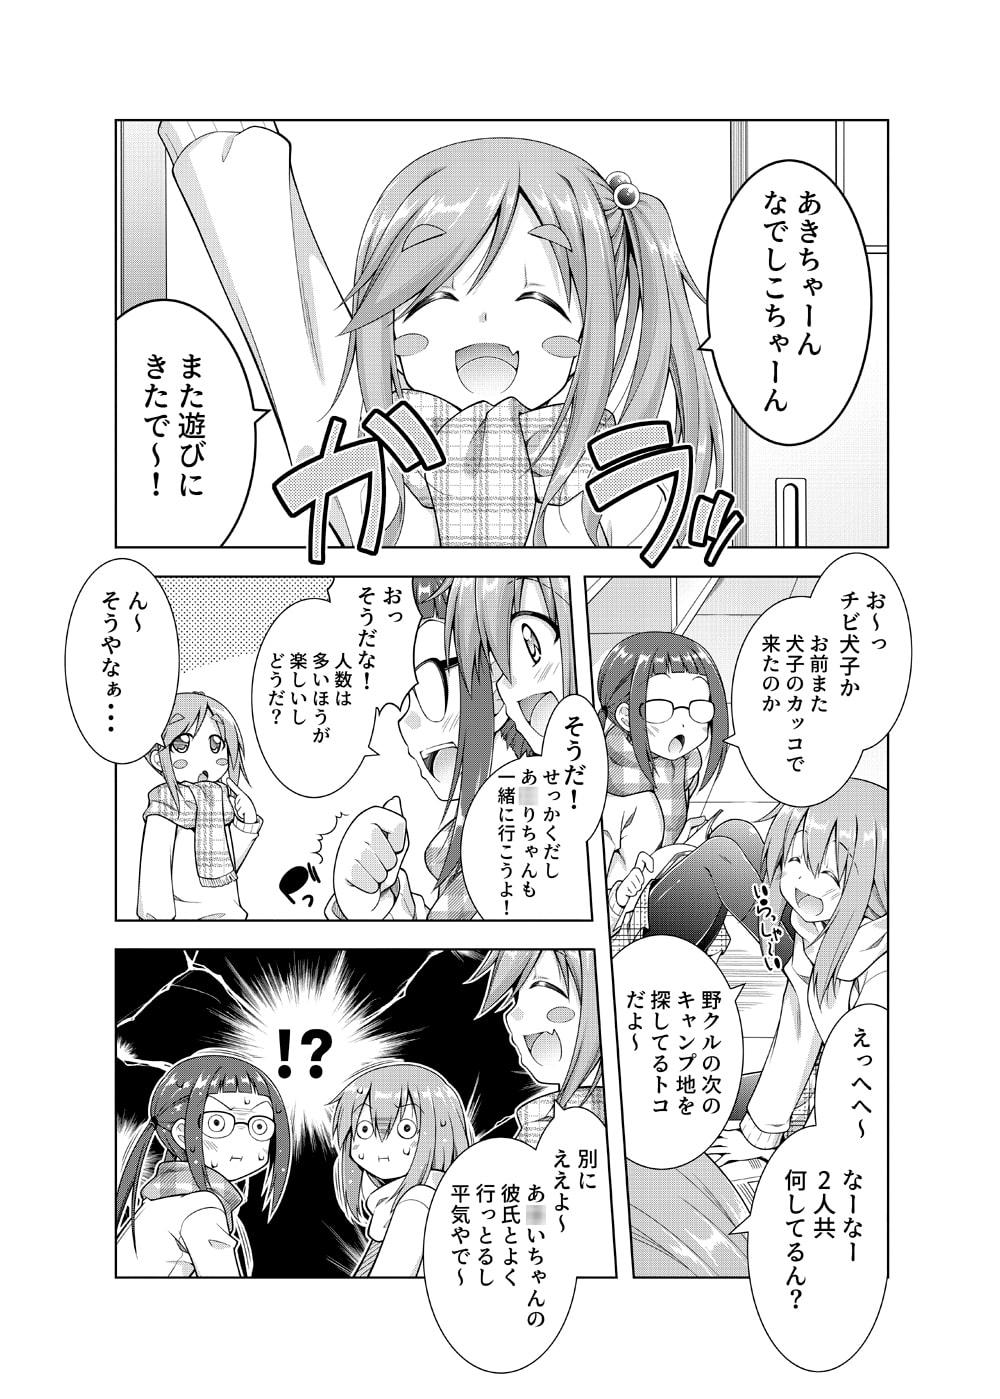 犬山あ○いちゃんとイチャキャン総集編のサンプル画像4